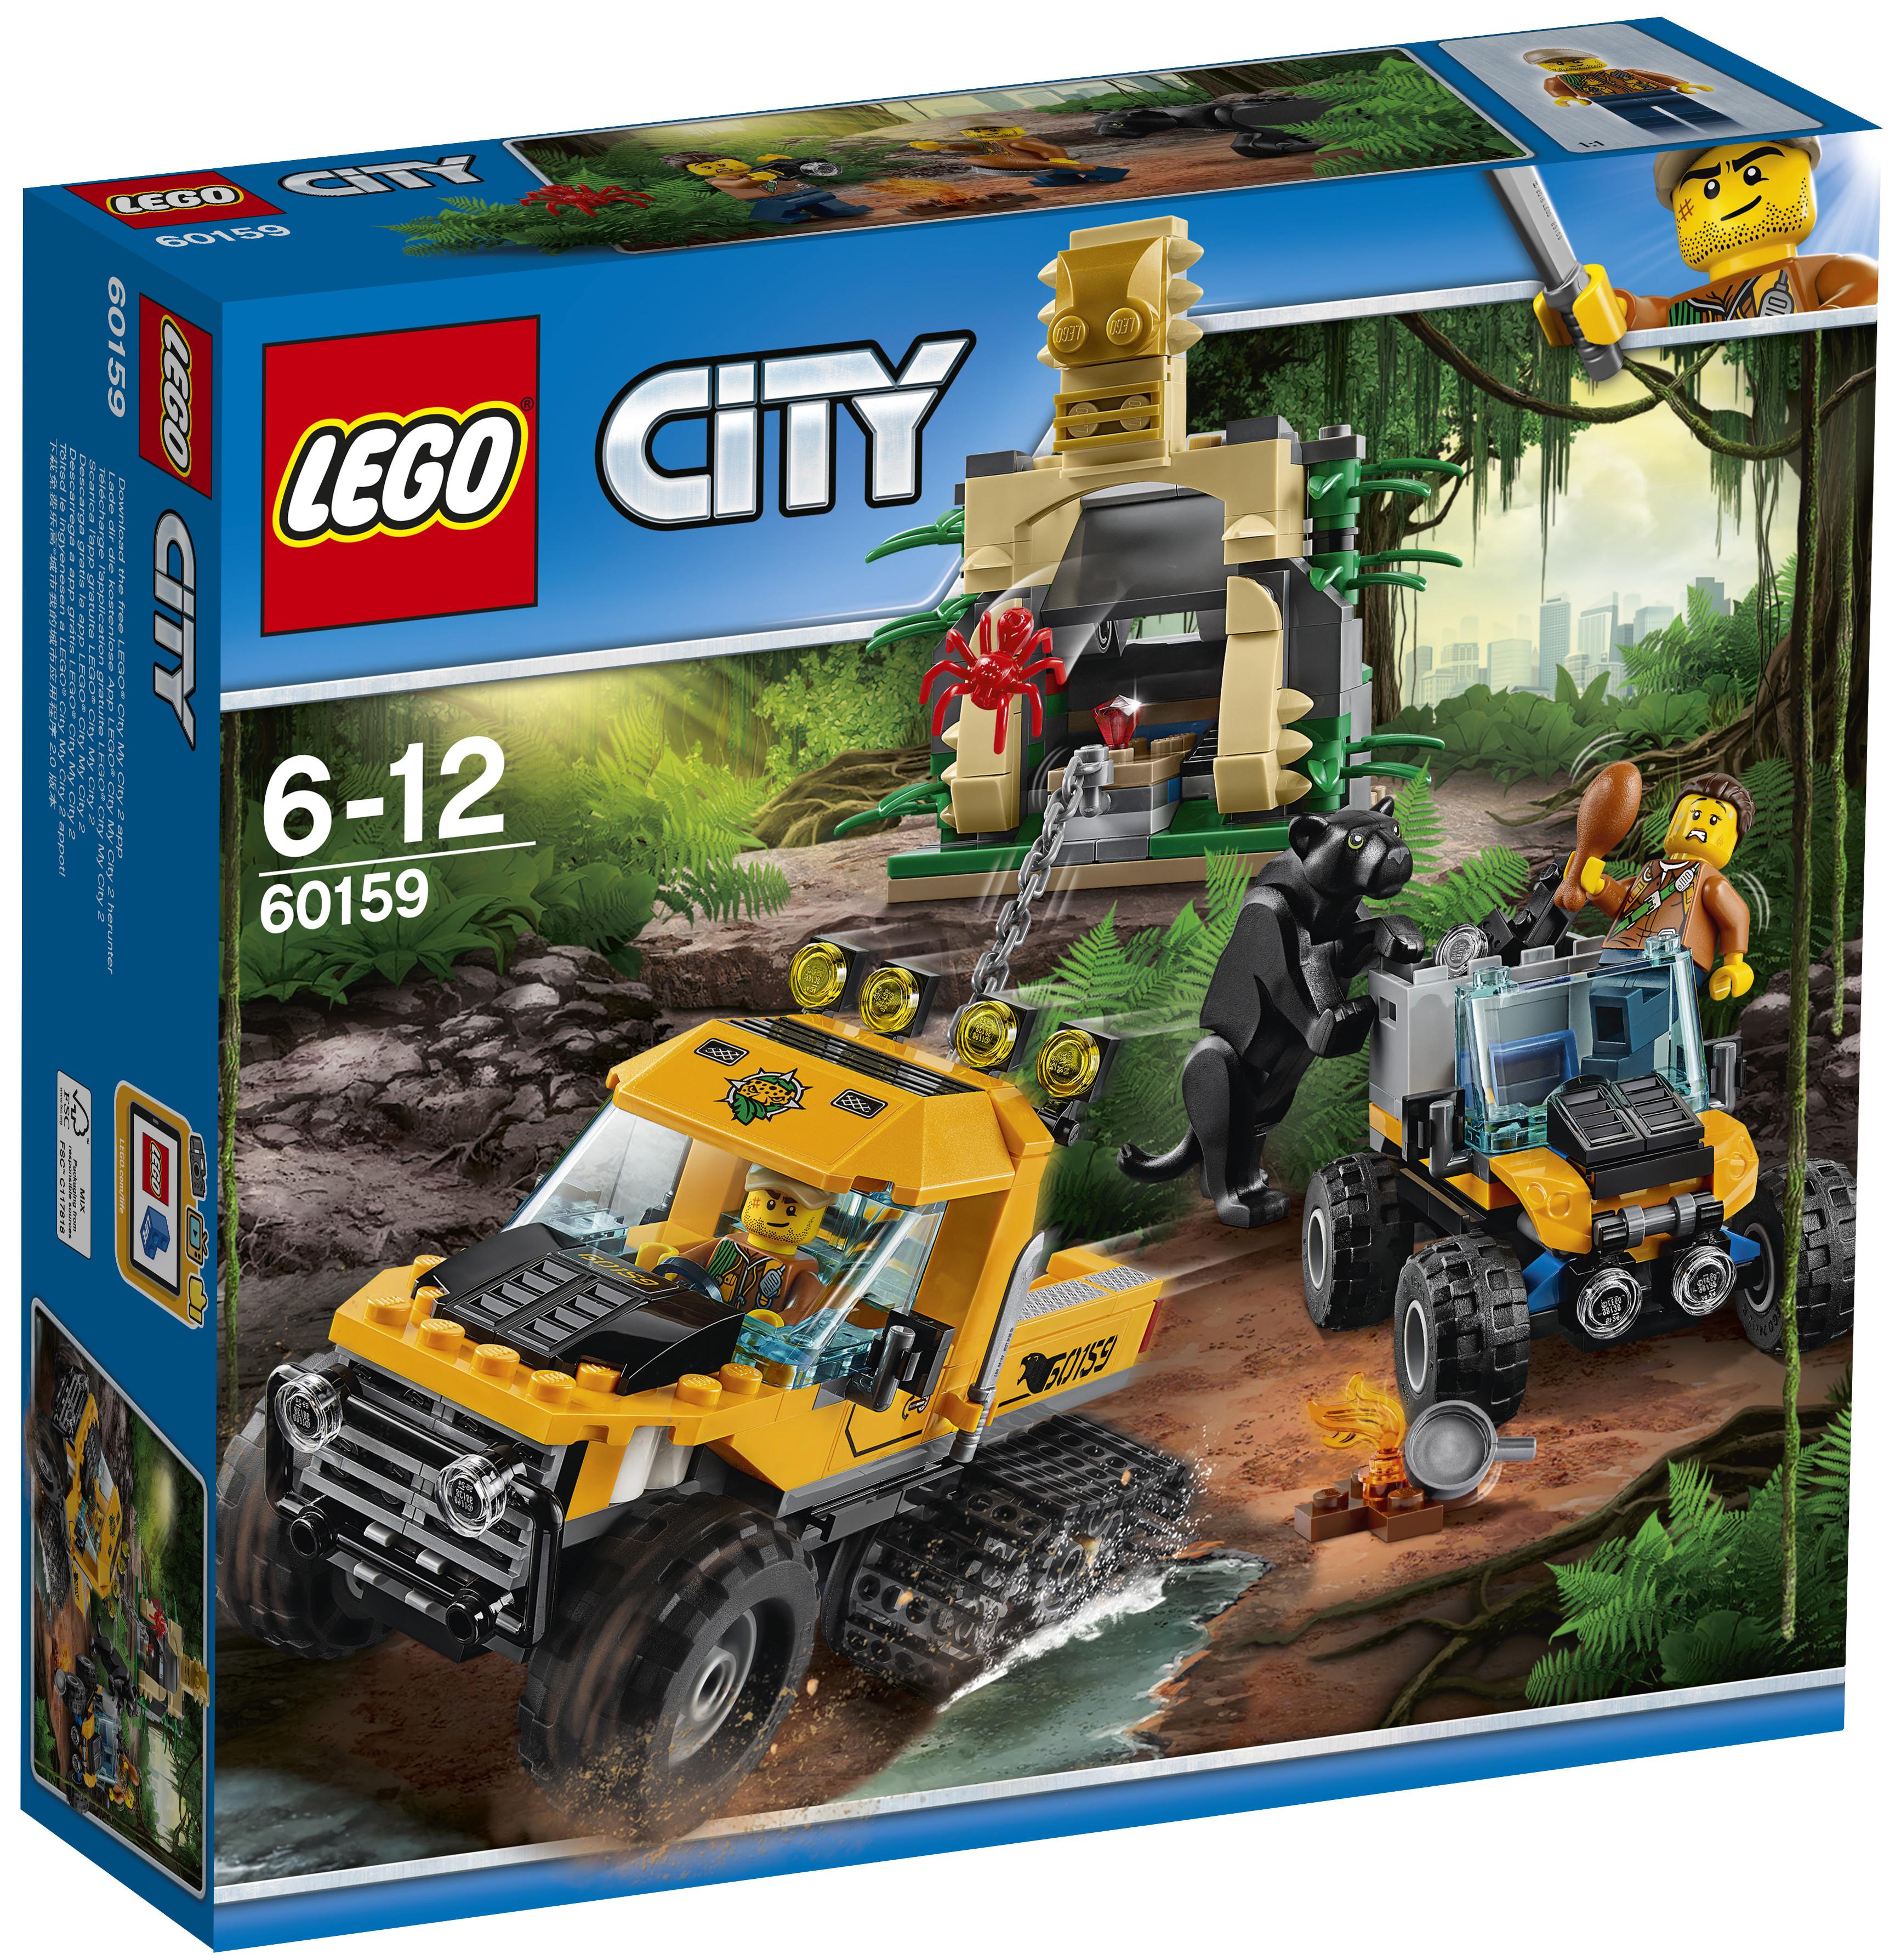 Конструктор LEGO LEGO City Jungle Explorer 60159 Миссия «Исследование джунглей»